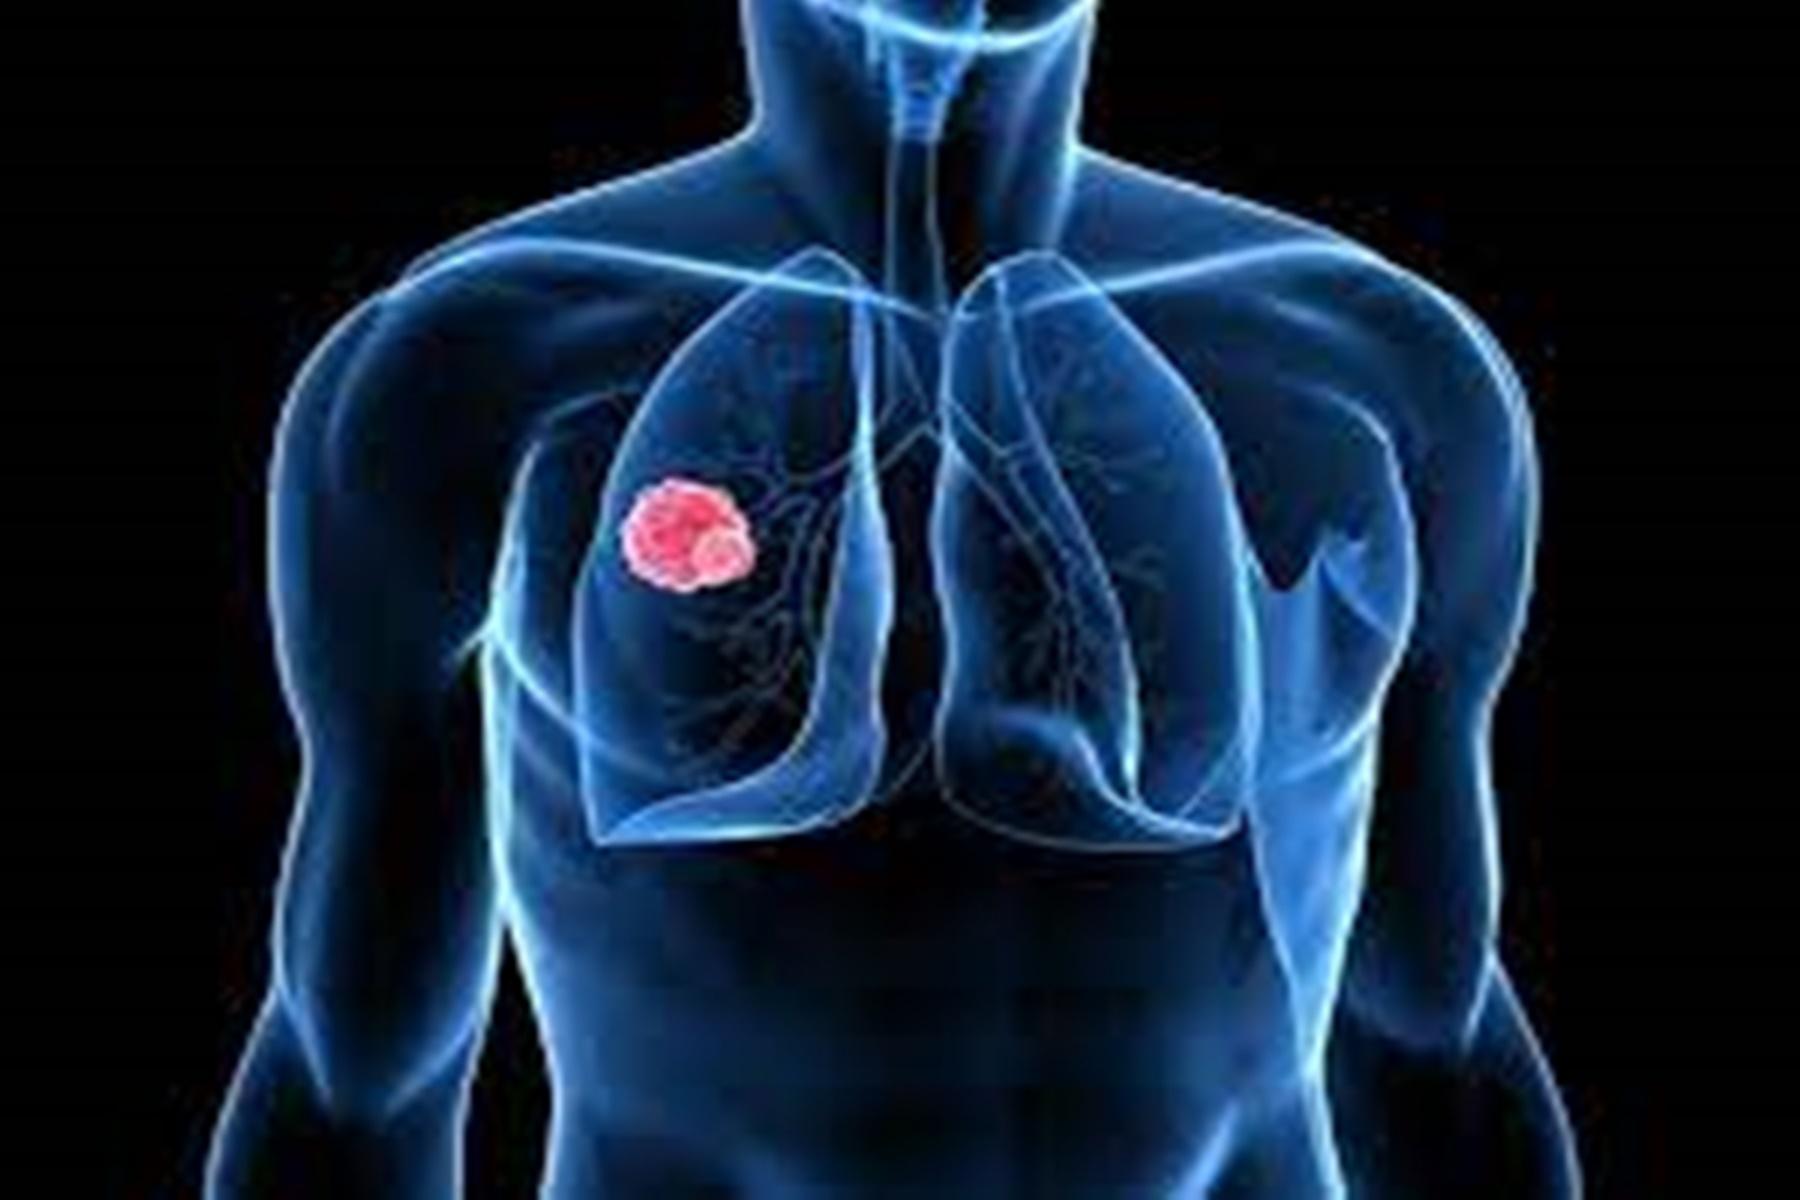 Καρκίνος πνεύμονα : Προσδόκιμο ζωής ασθενών σταδίου 4